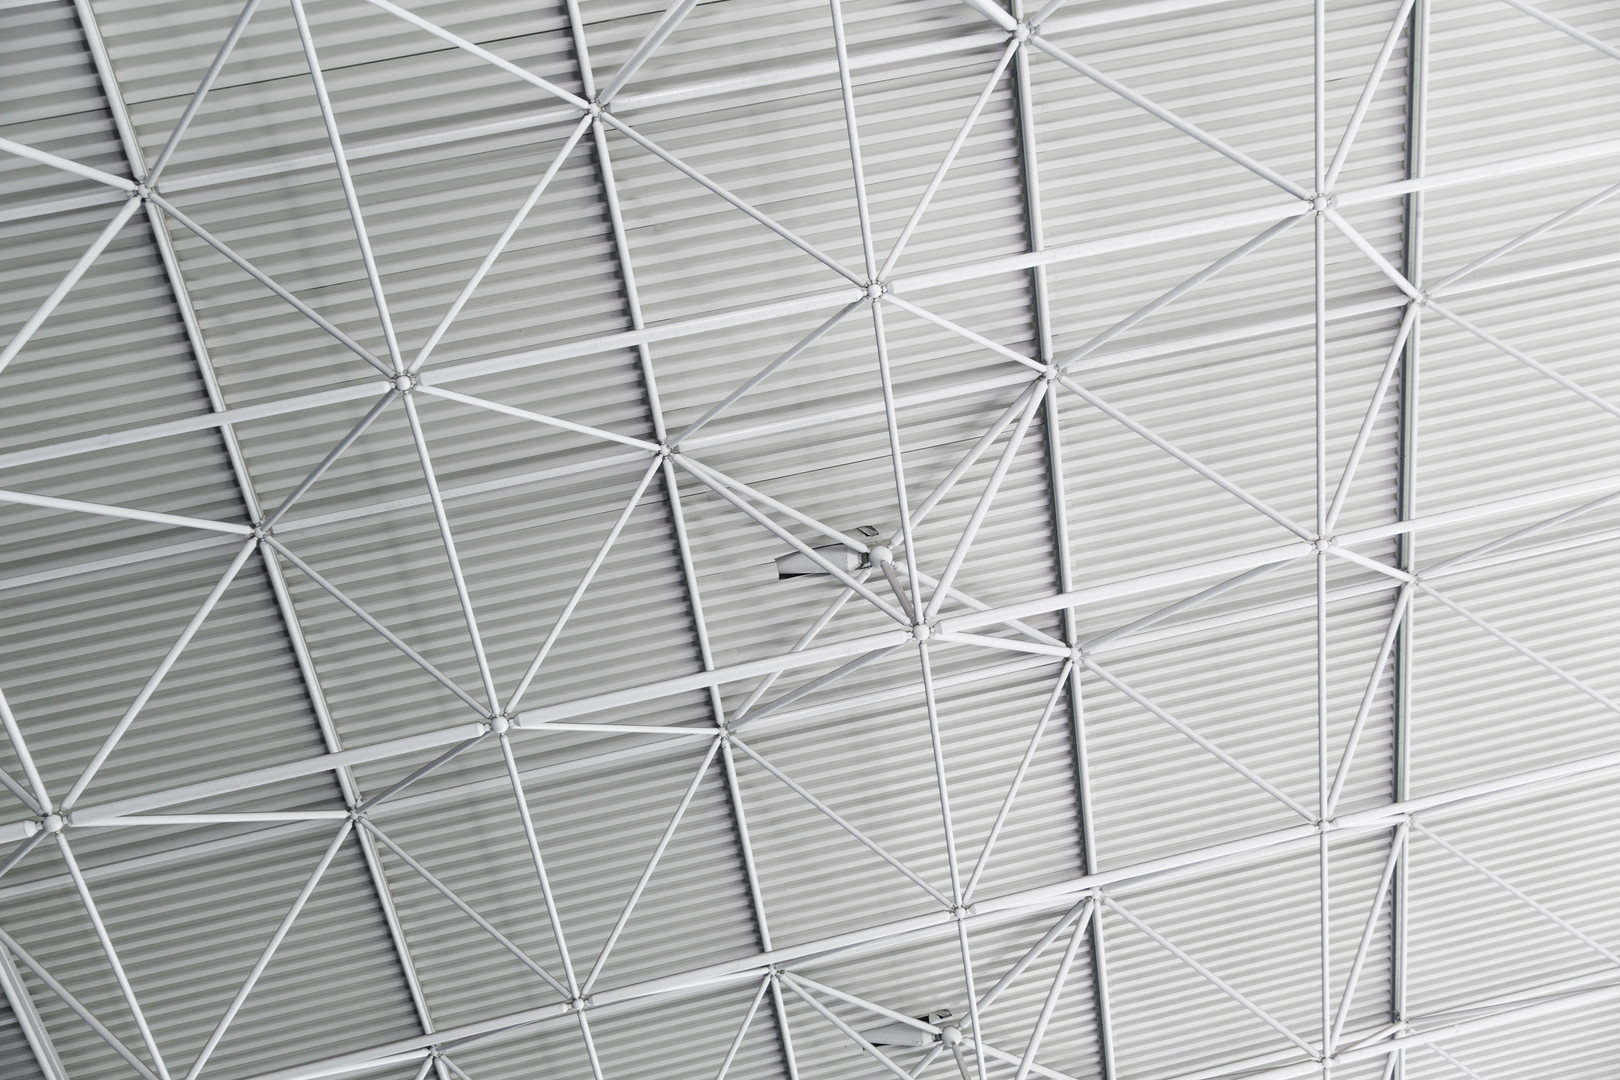 architecture-ceiling-design-776804.jpg